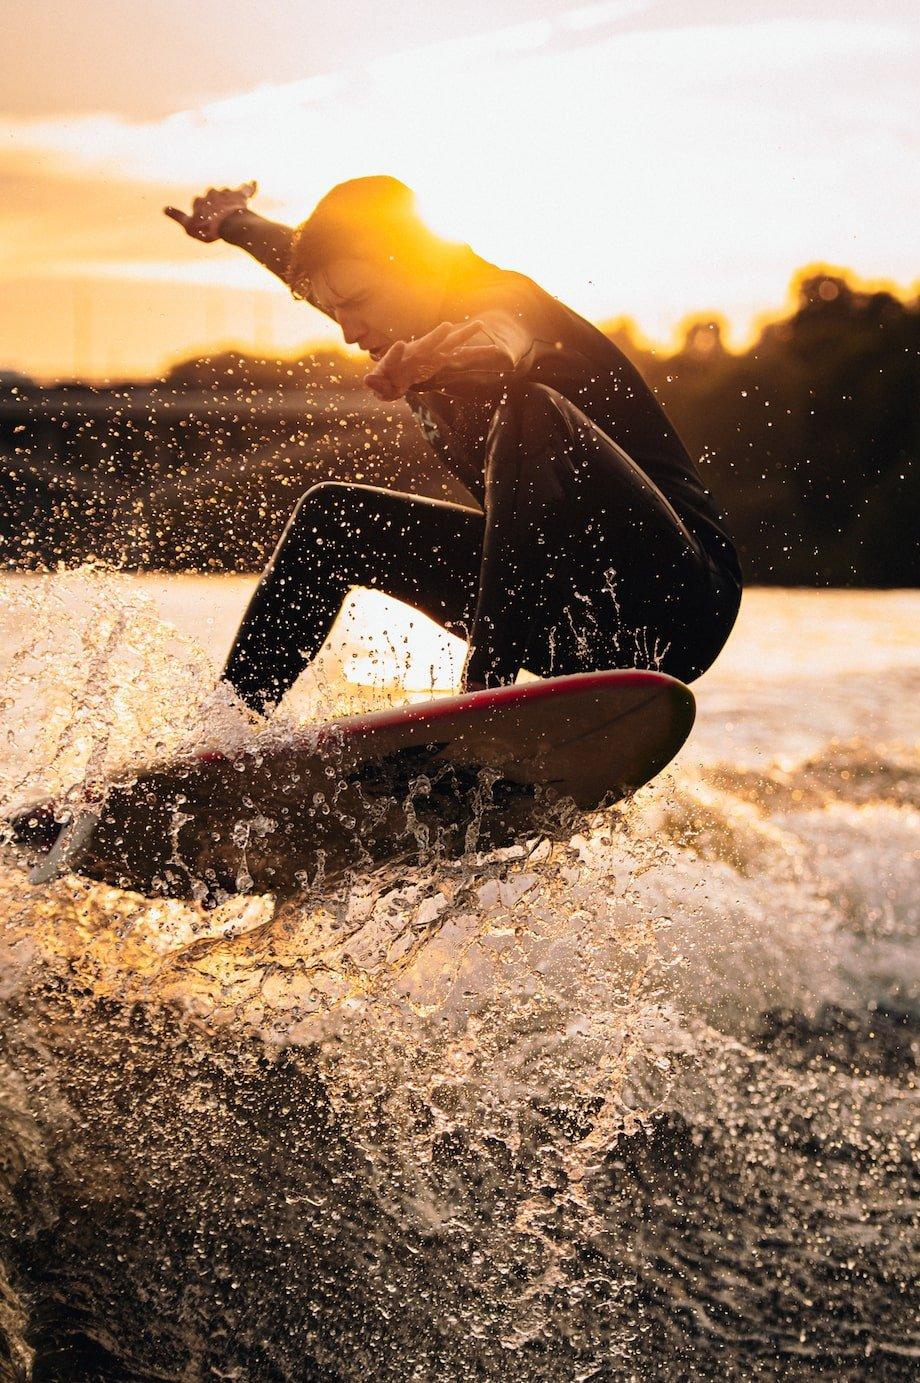 Как сохранить прогресс в тренировках по вейксёрфингу зимой?